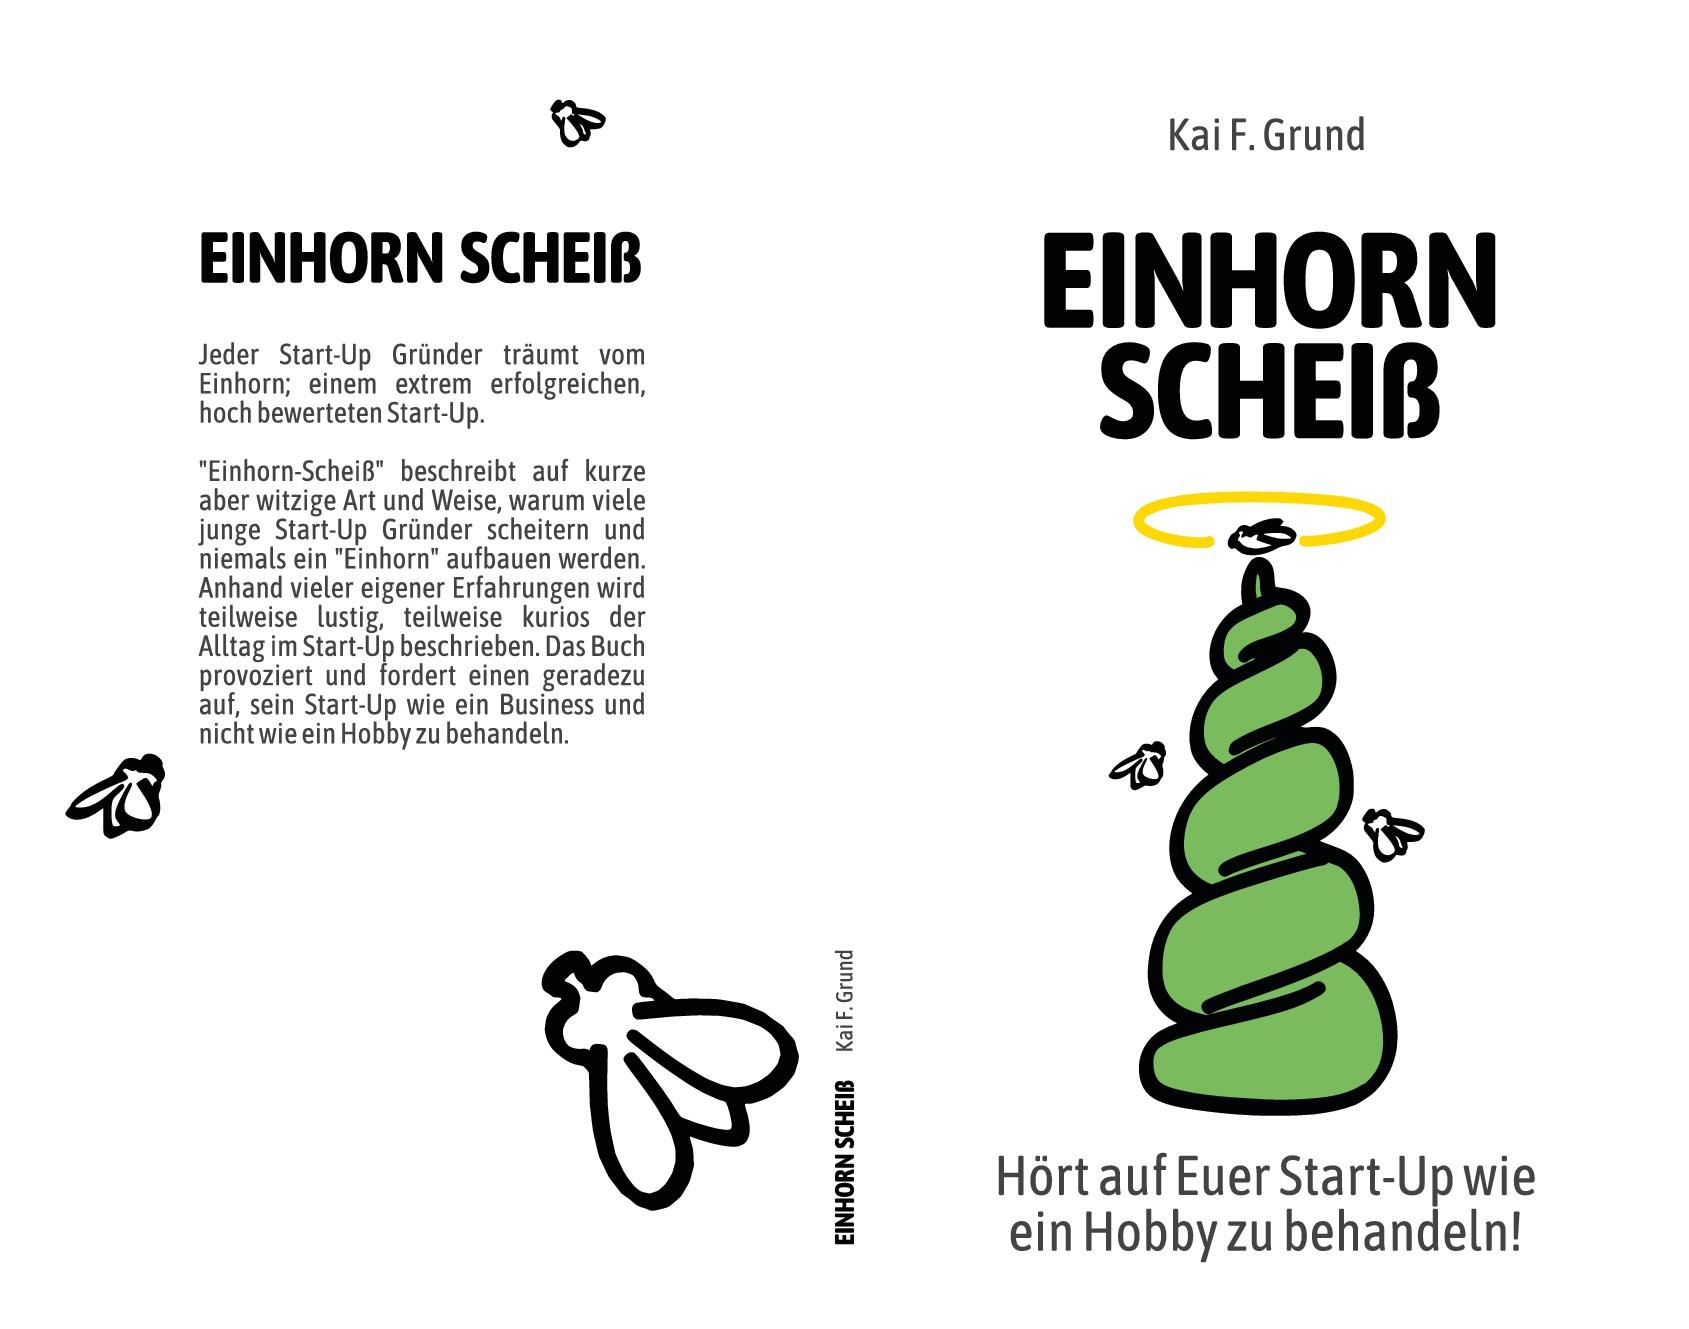 """Buch-Cover für ein freches Buch zum Thema Start-Up Gründung: """"Einhorn-Scheiß"""""""